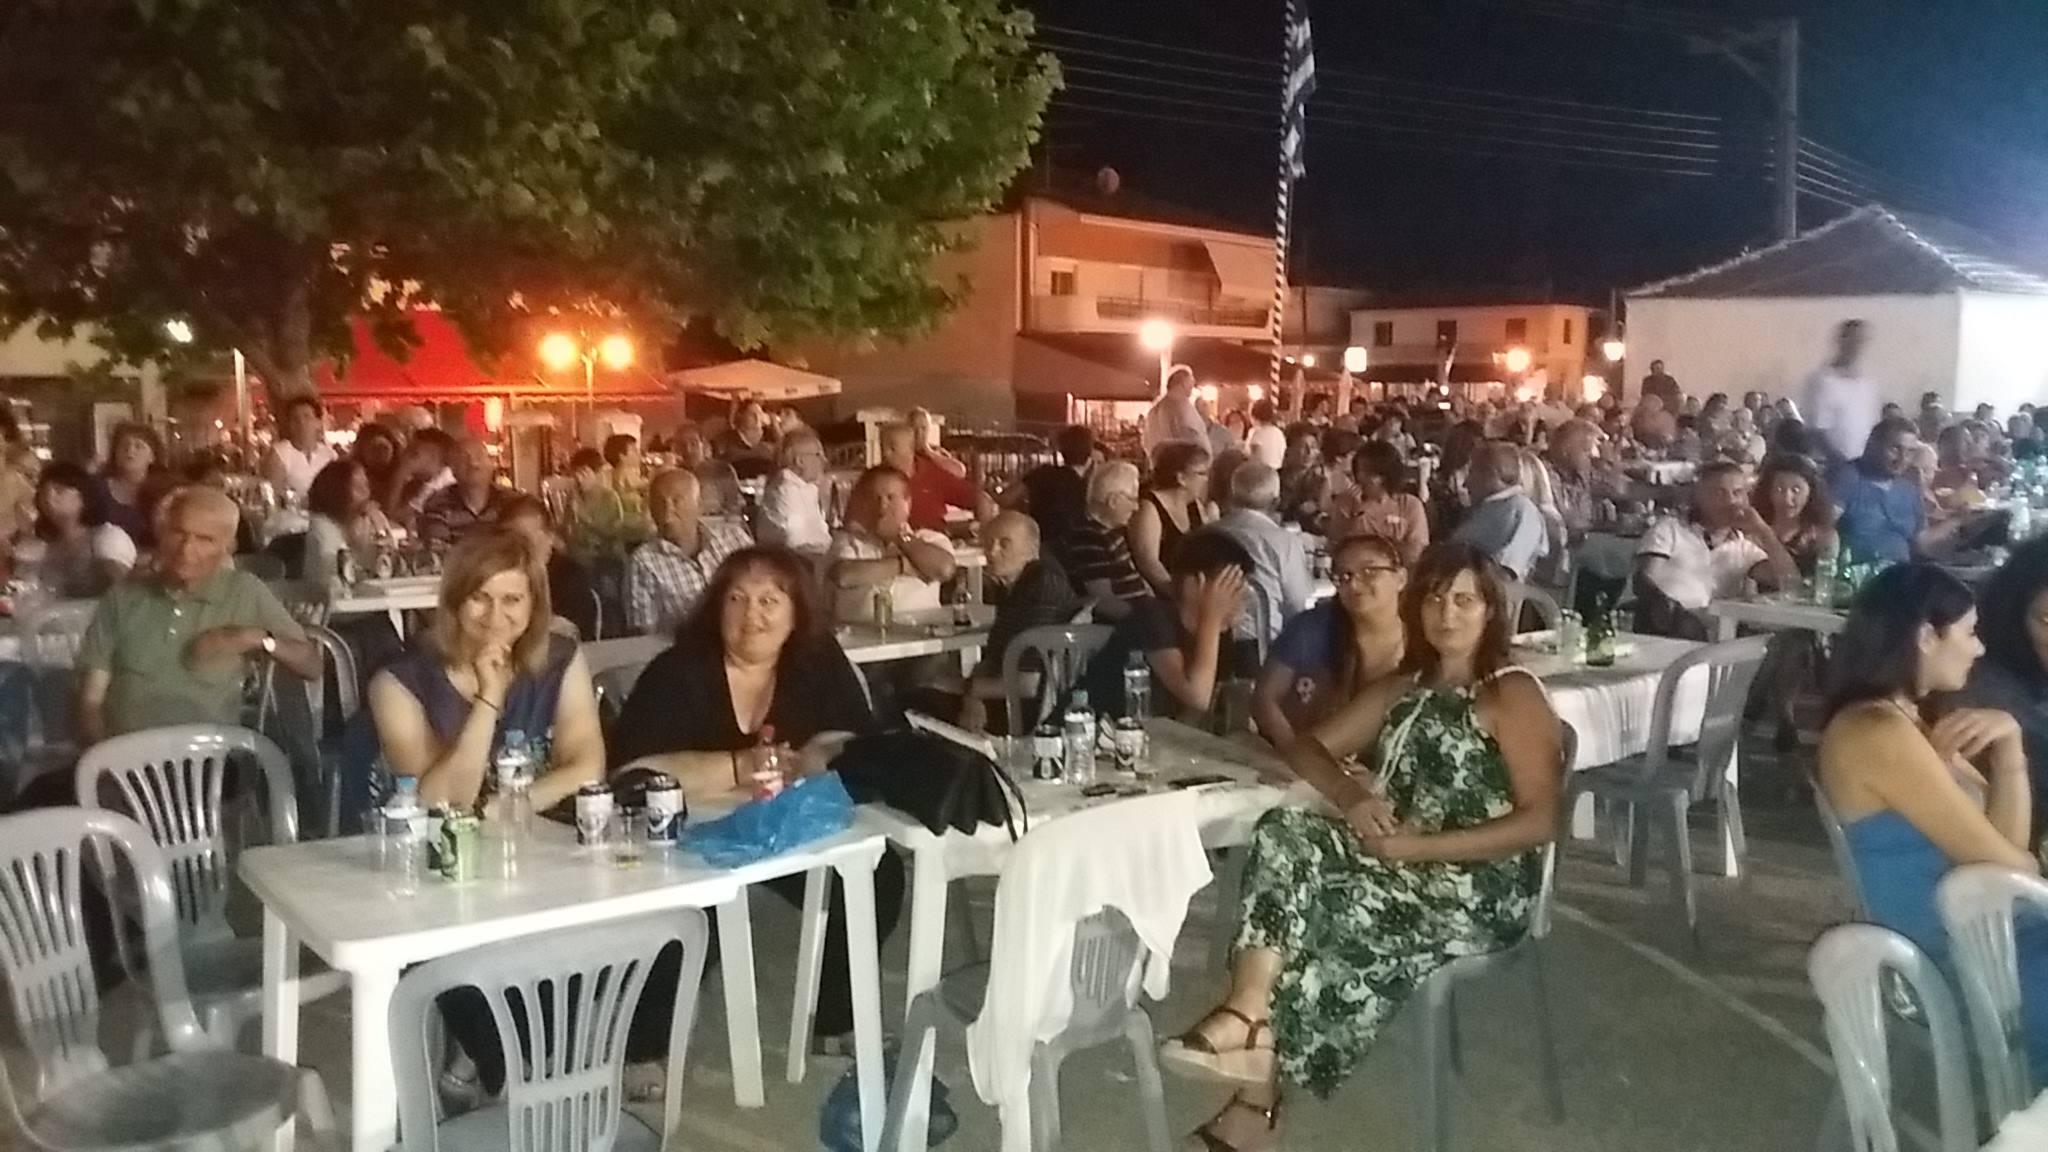 kozan.gr: Με φεστιβάλ παραδοσιακών χορών ξεκίνησαν, το βράδυ του Σαββάτου, οι διήμερες πολιτιστικές εκδηλώσεις στην Άρδασσα Εορδαίας (Φωτογραφίες & Βίντεο)